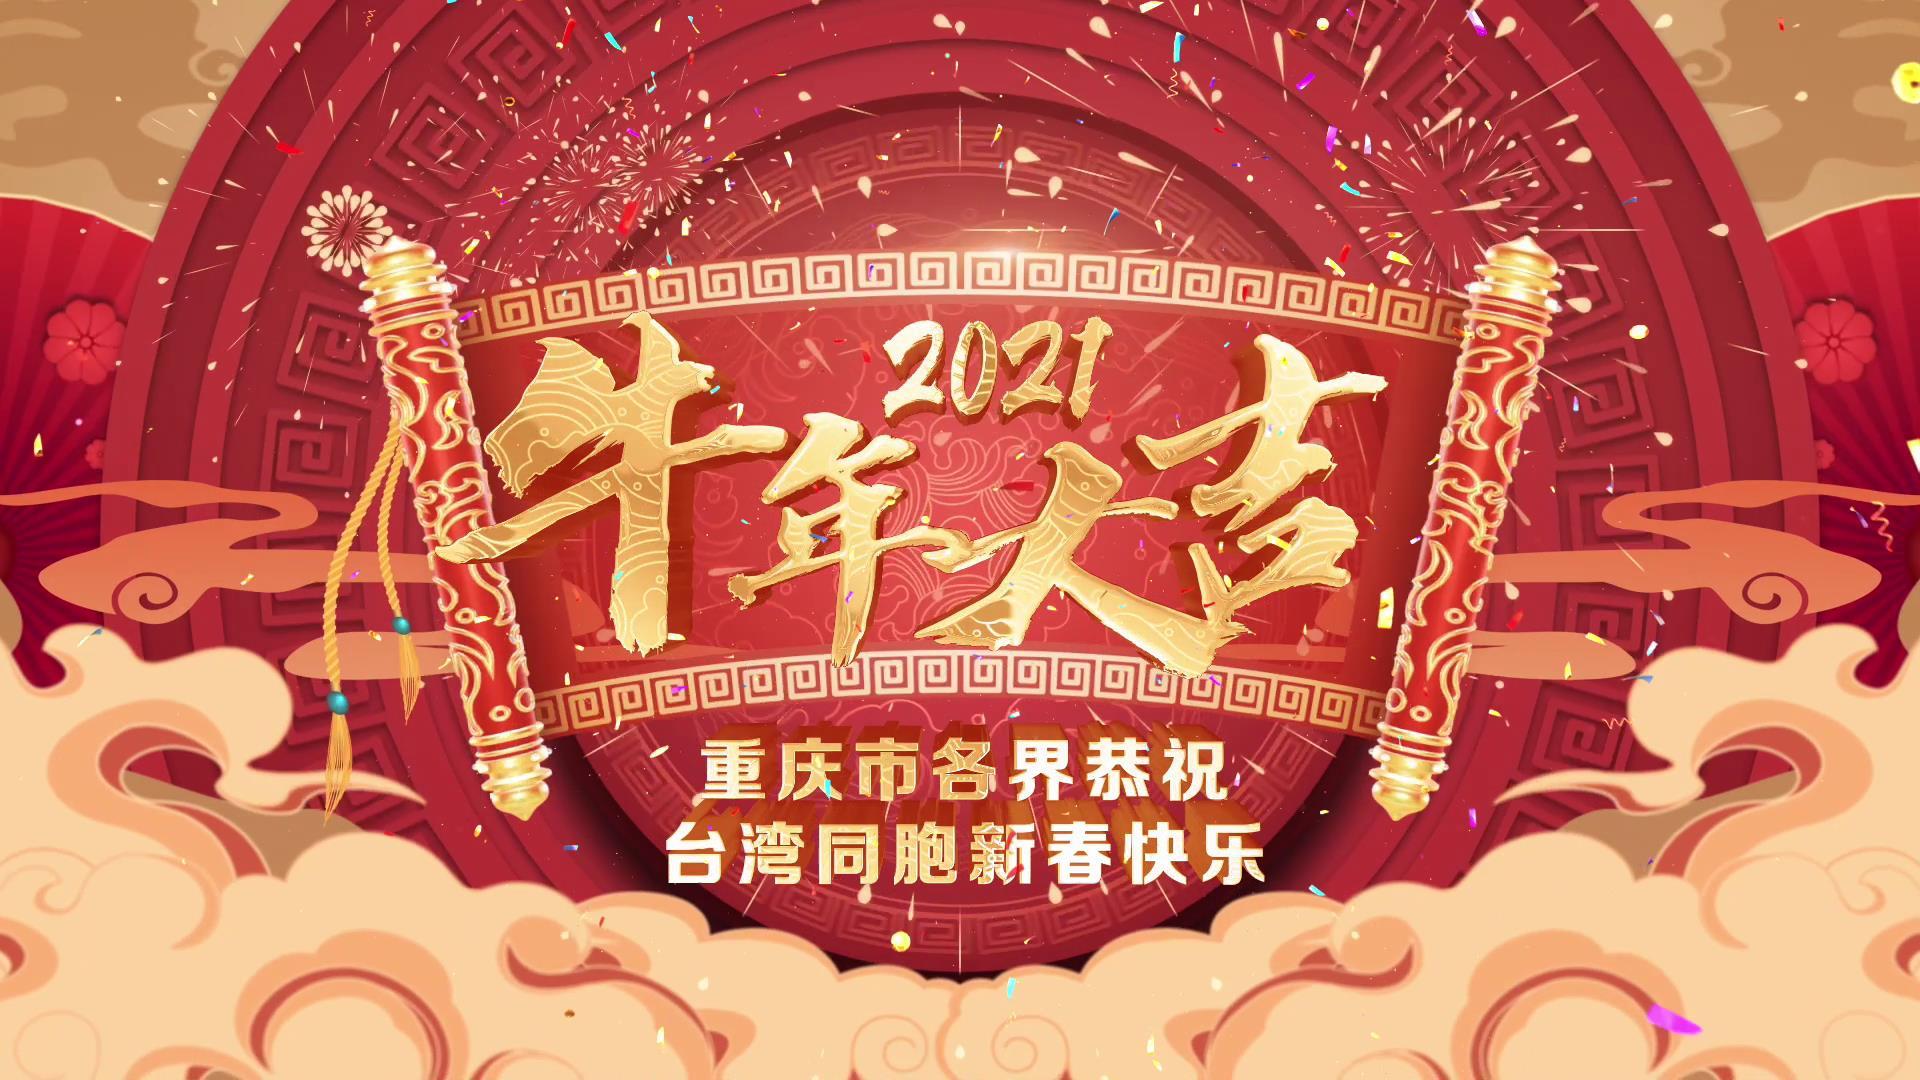 重慶市各界恭祝臺灣同胞新春快樂圖片